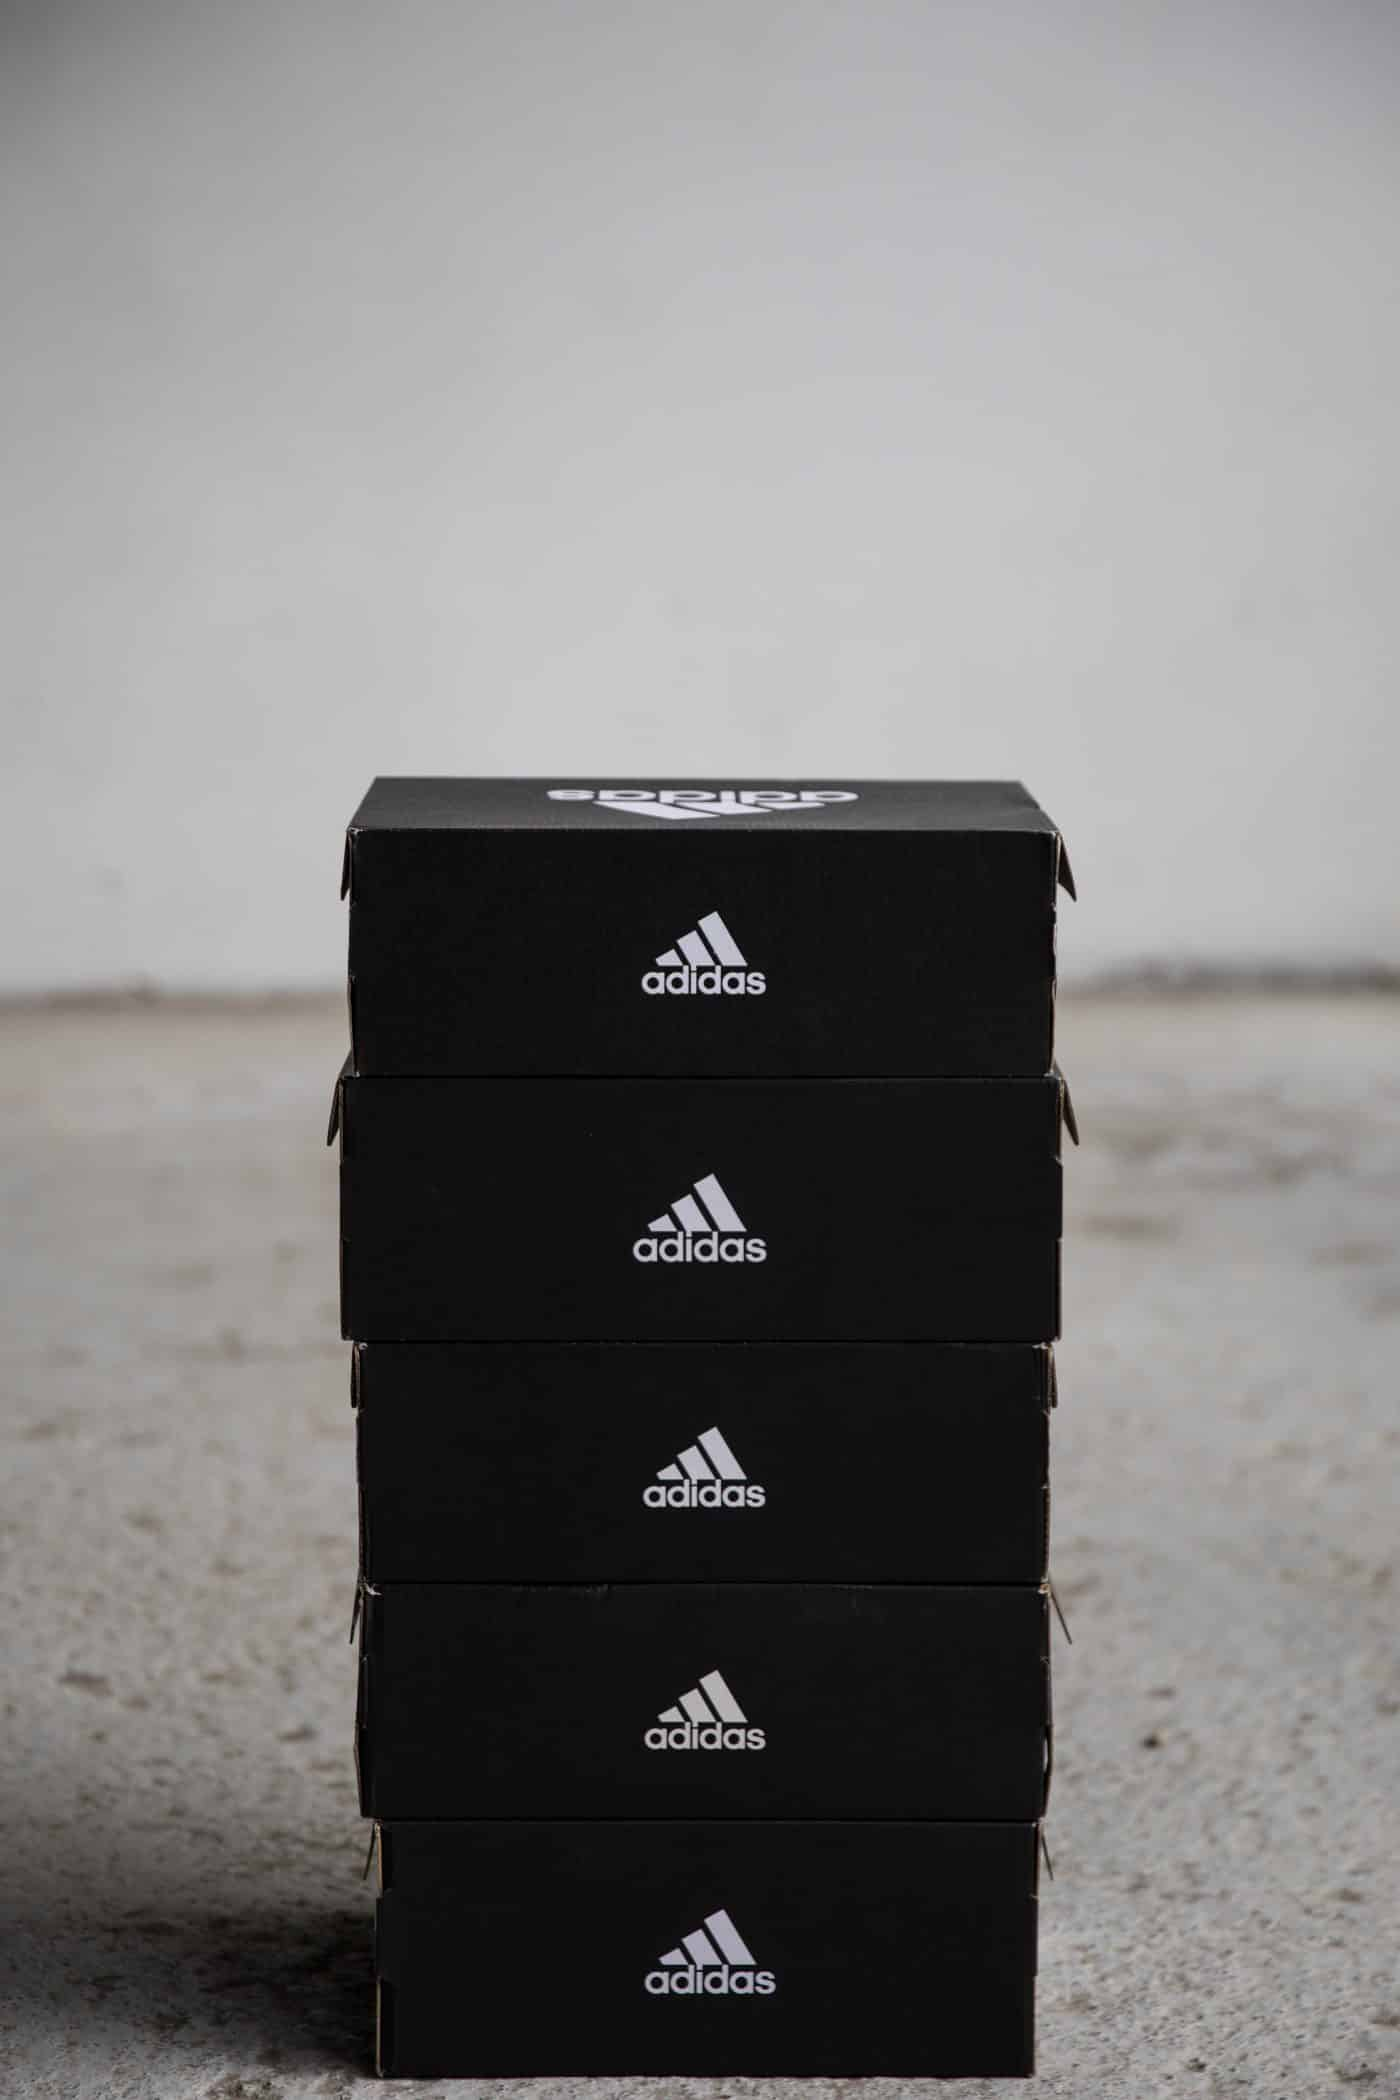 adidas-uniforia-pack-footpack-1